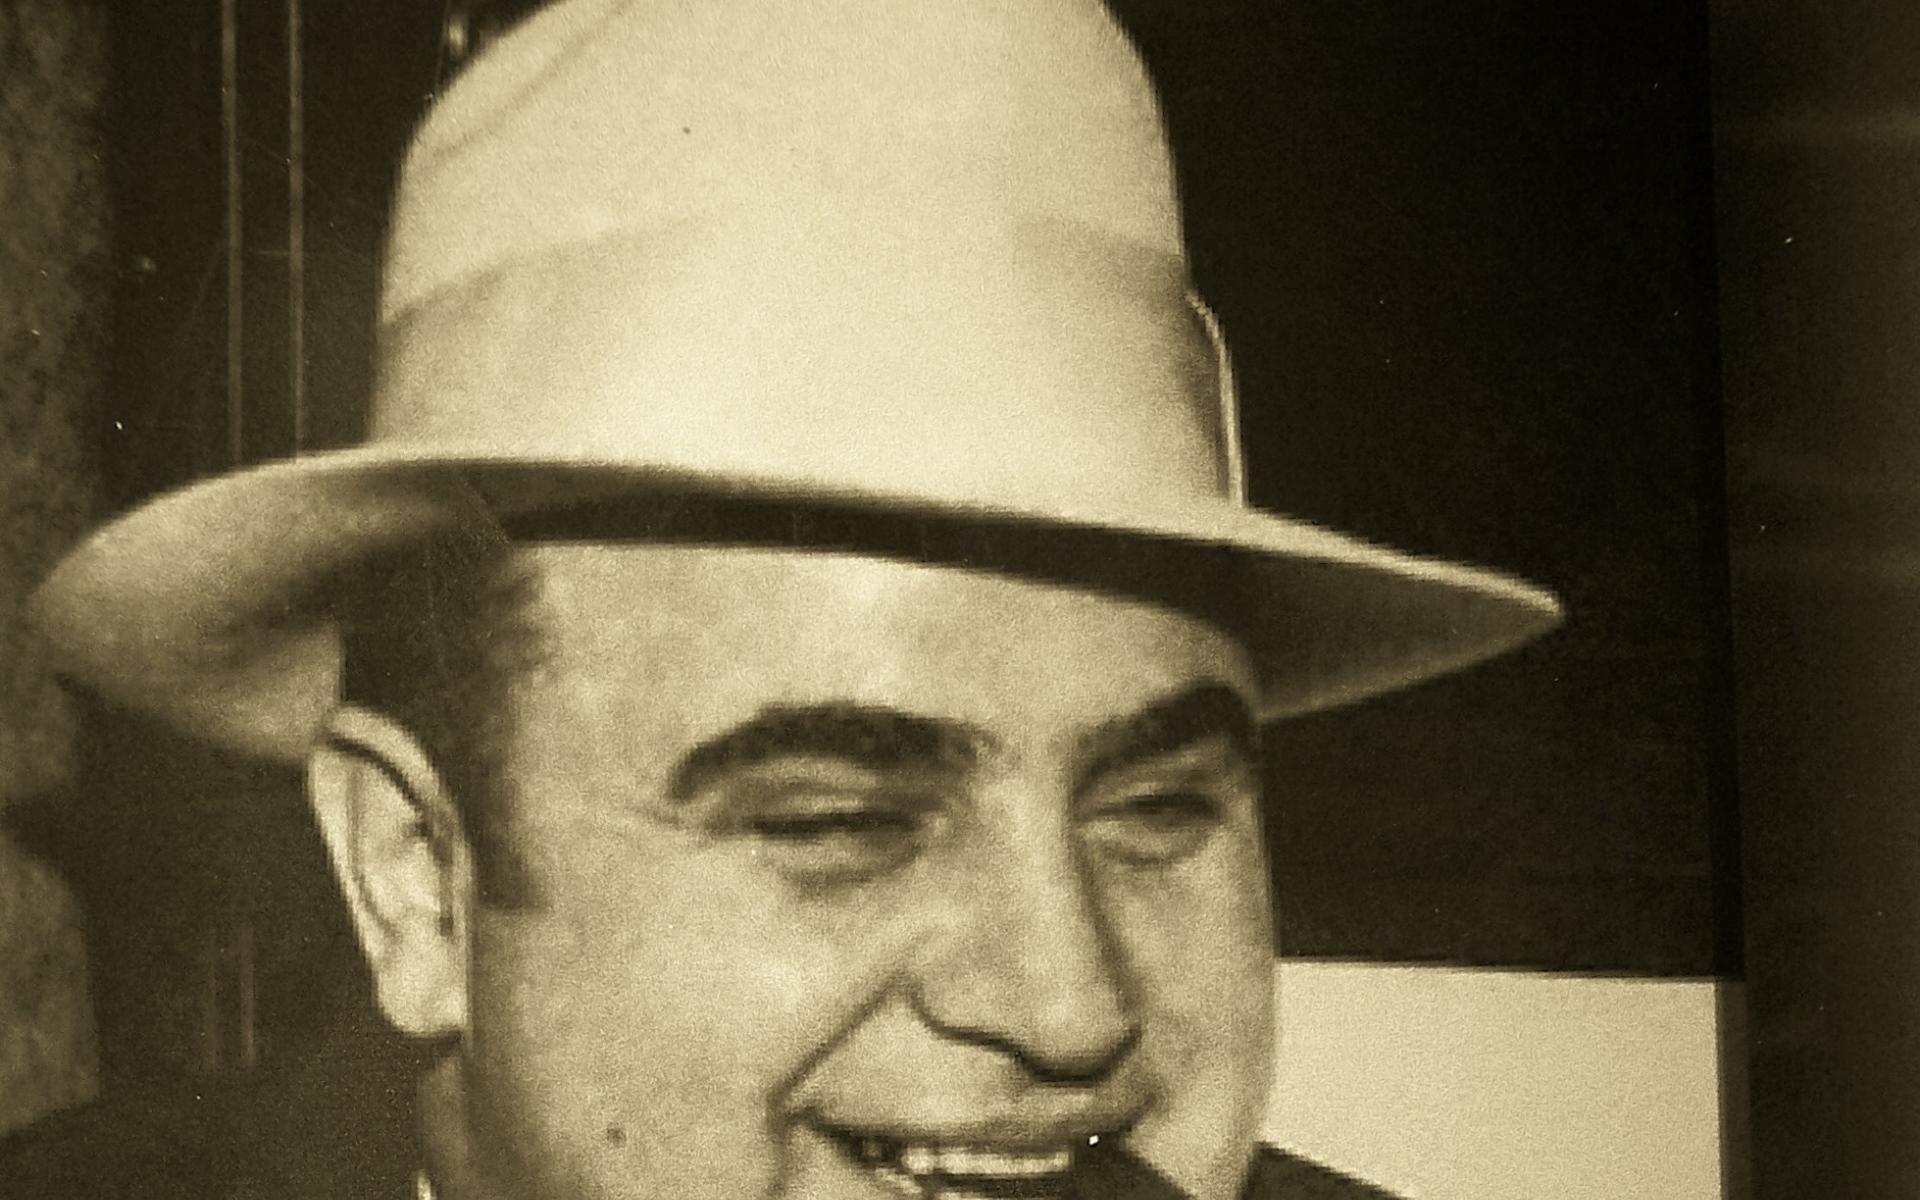 Al Capone Quotes Iphone Wallpaper Al Capone Wallpaper 61 Images